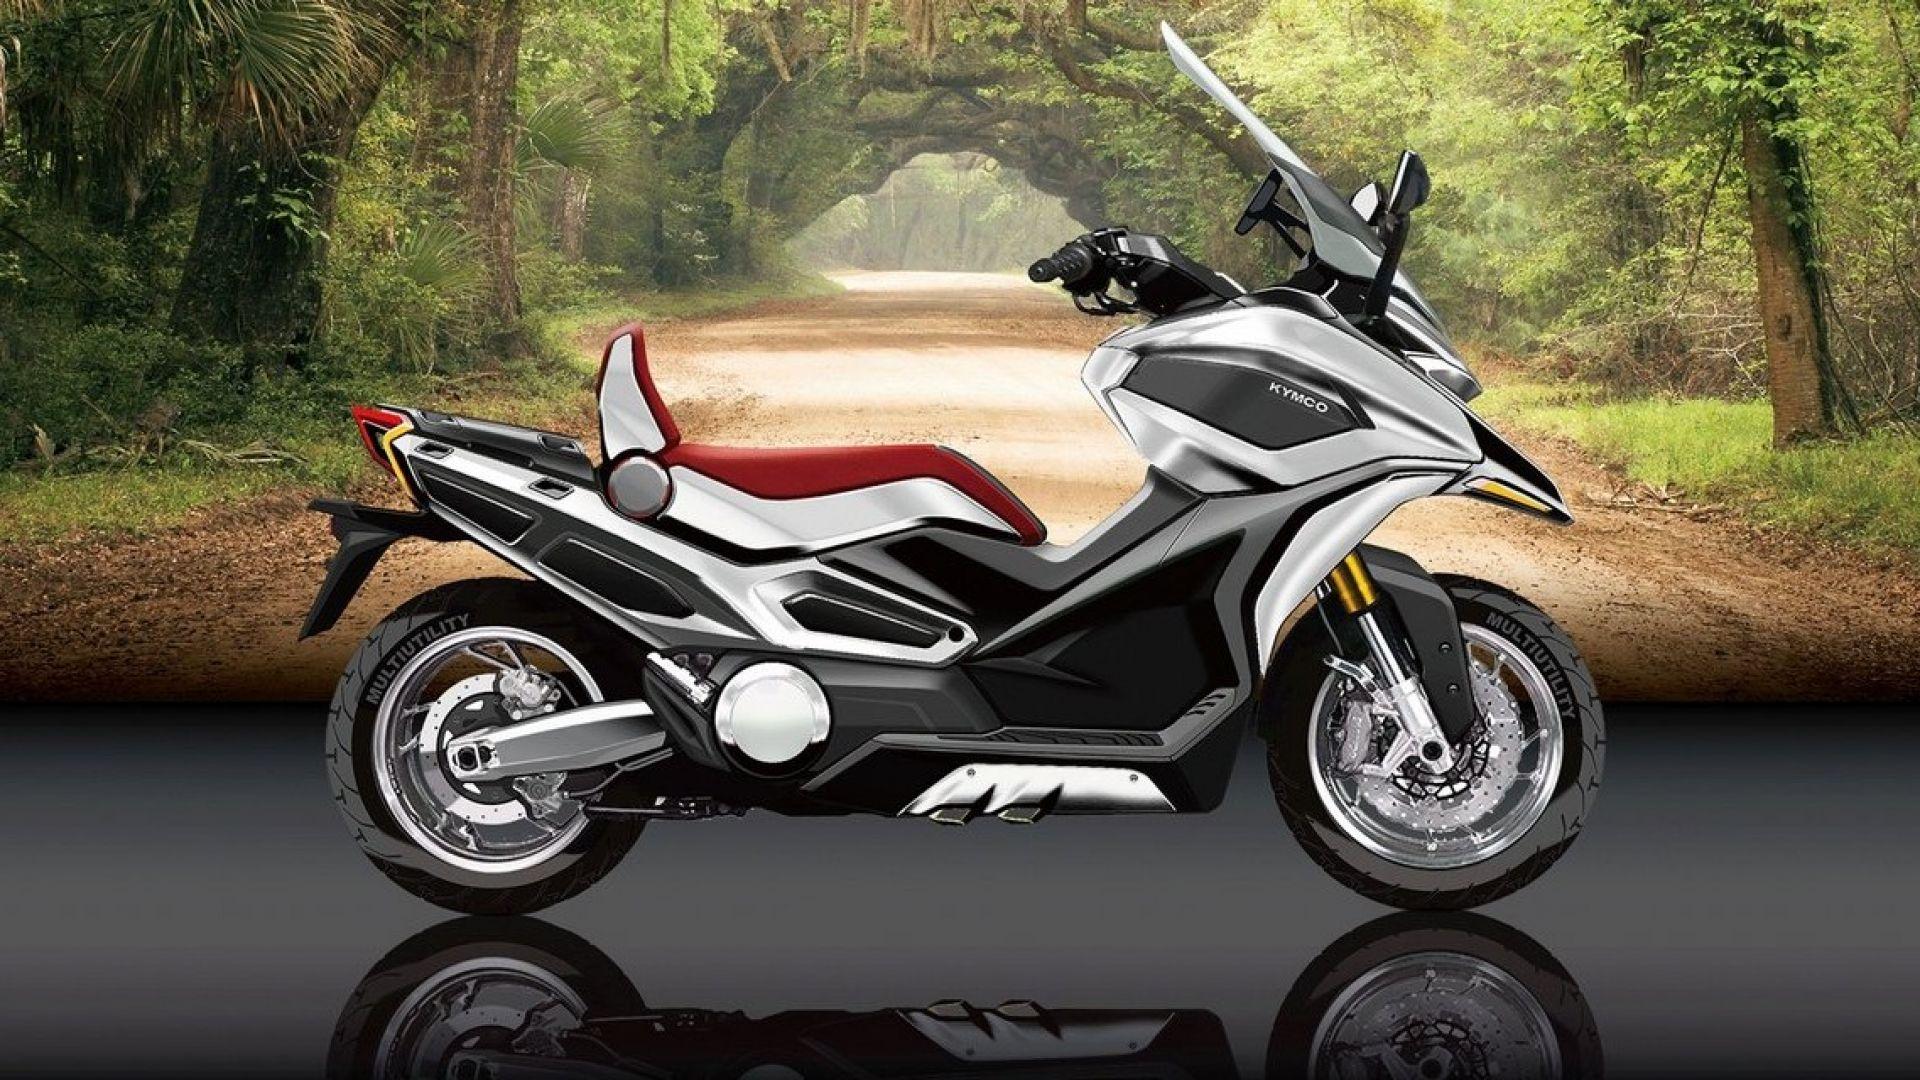 kymco serie c concept il nuovo scooter adv sar al salone di milano motorbox. Black Bedroom Furniture Sets. Home Design Ideas